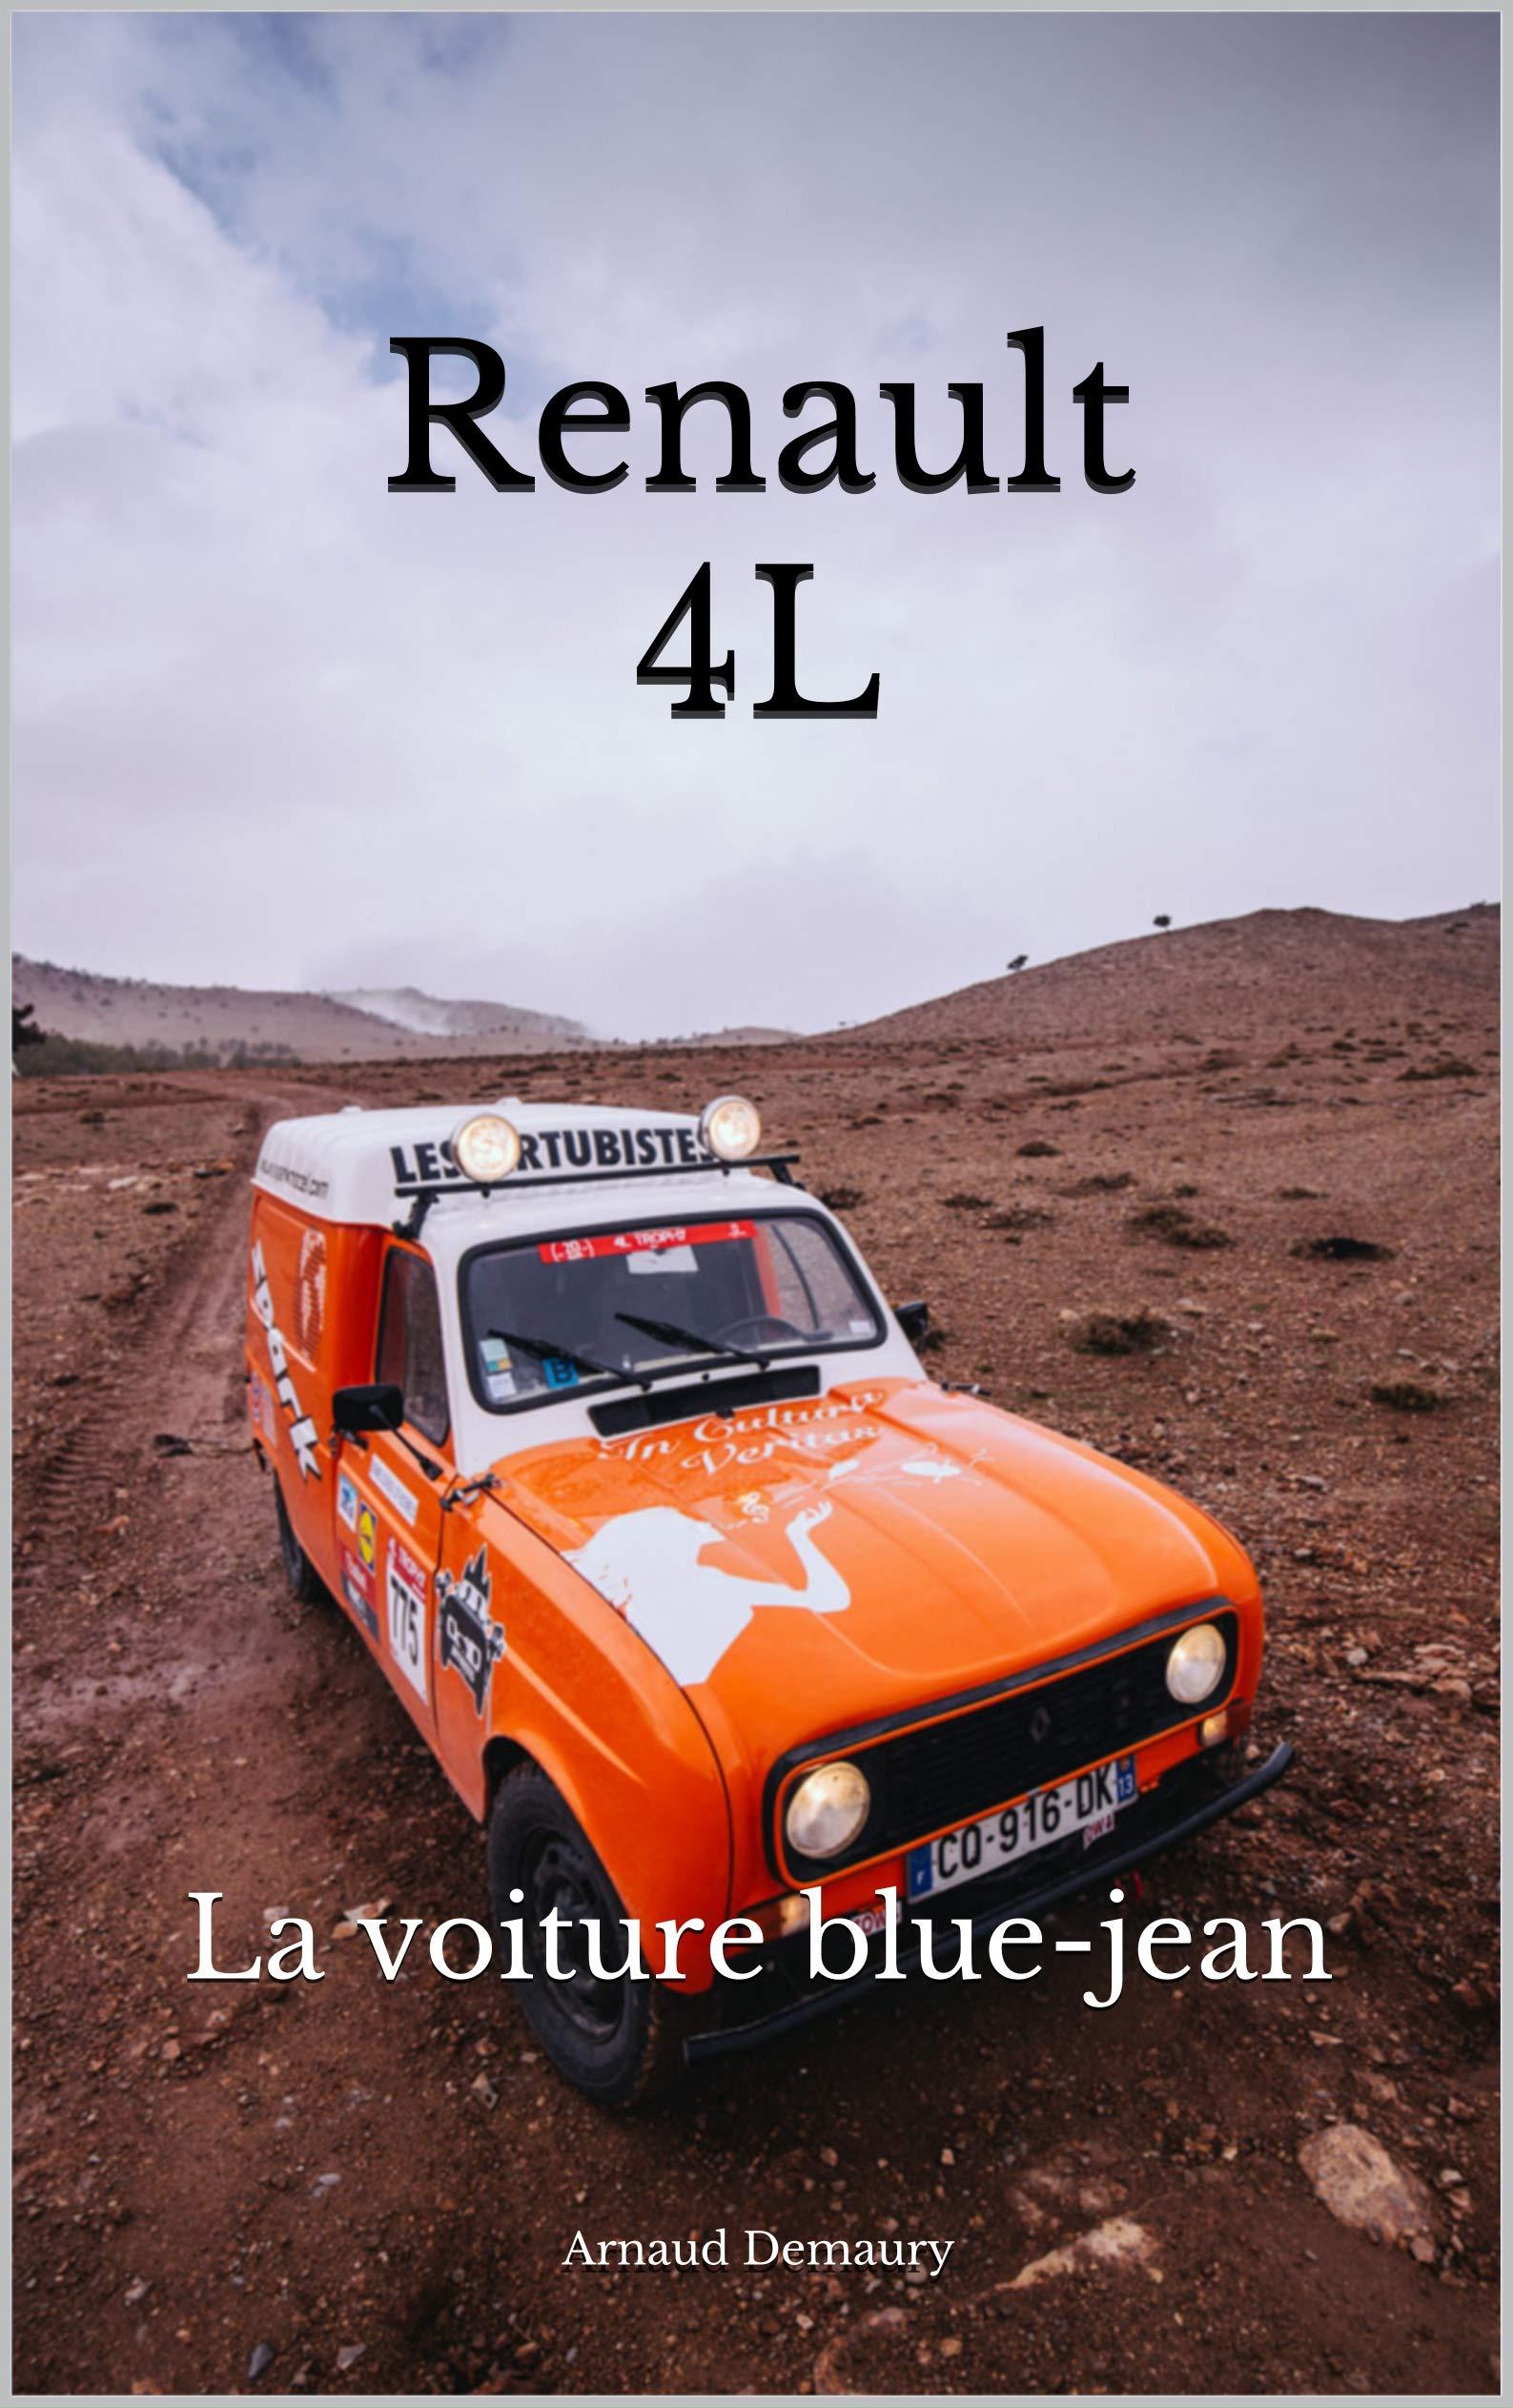 Renault 4L: La voiture blue-jean por Arnaud Demaury